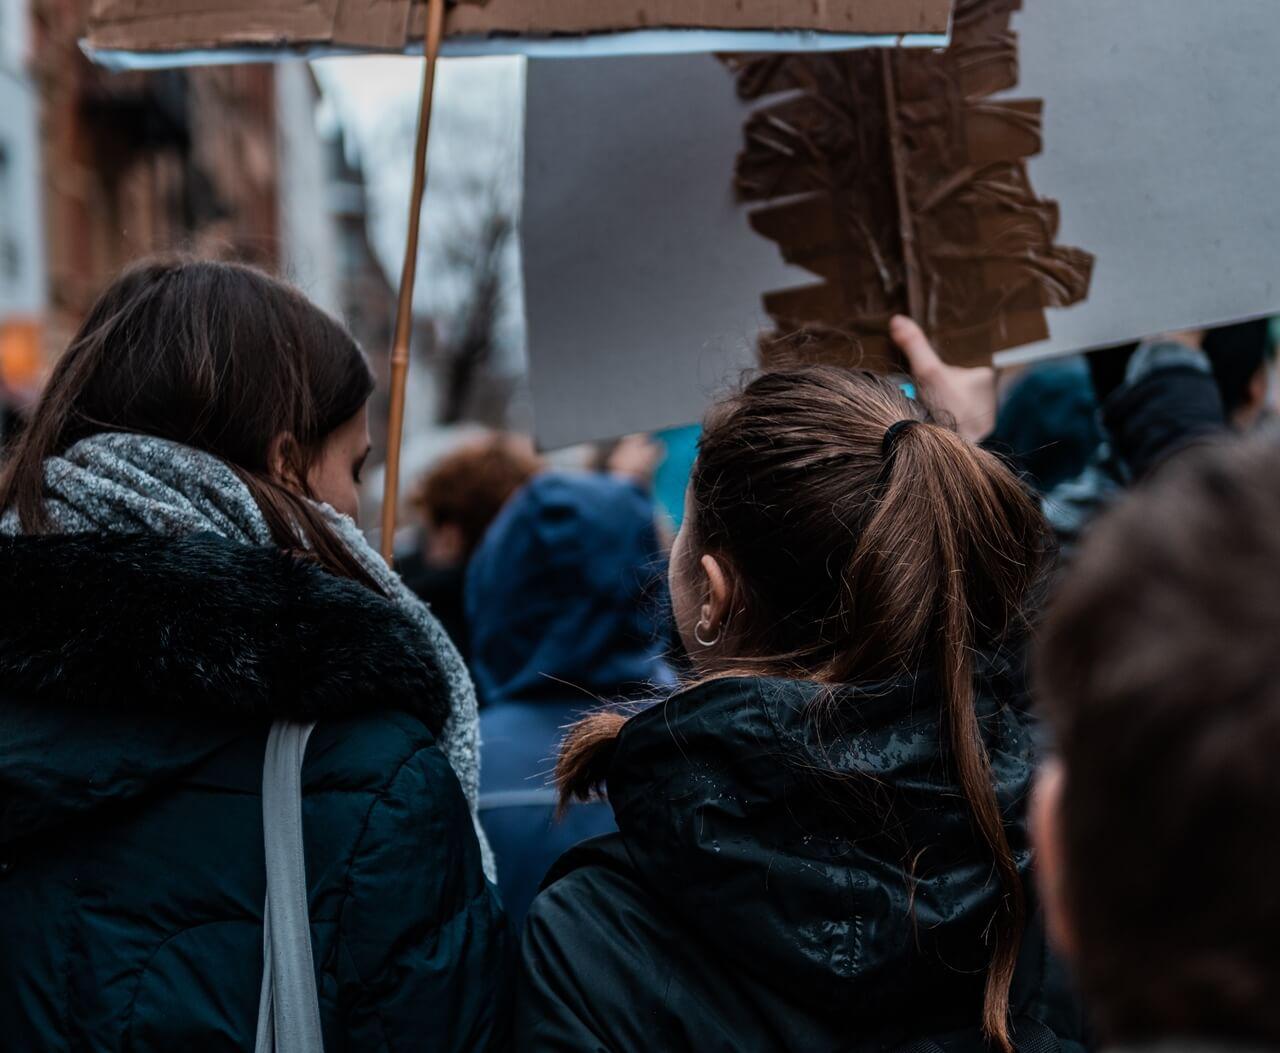 Kao da smo u 19. stoljeću: Riječki studenti prosvjeduju jer u domovima nema tople vode i interneta